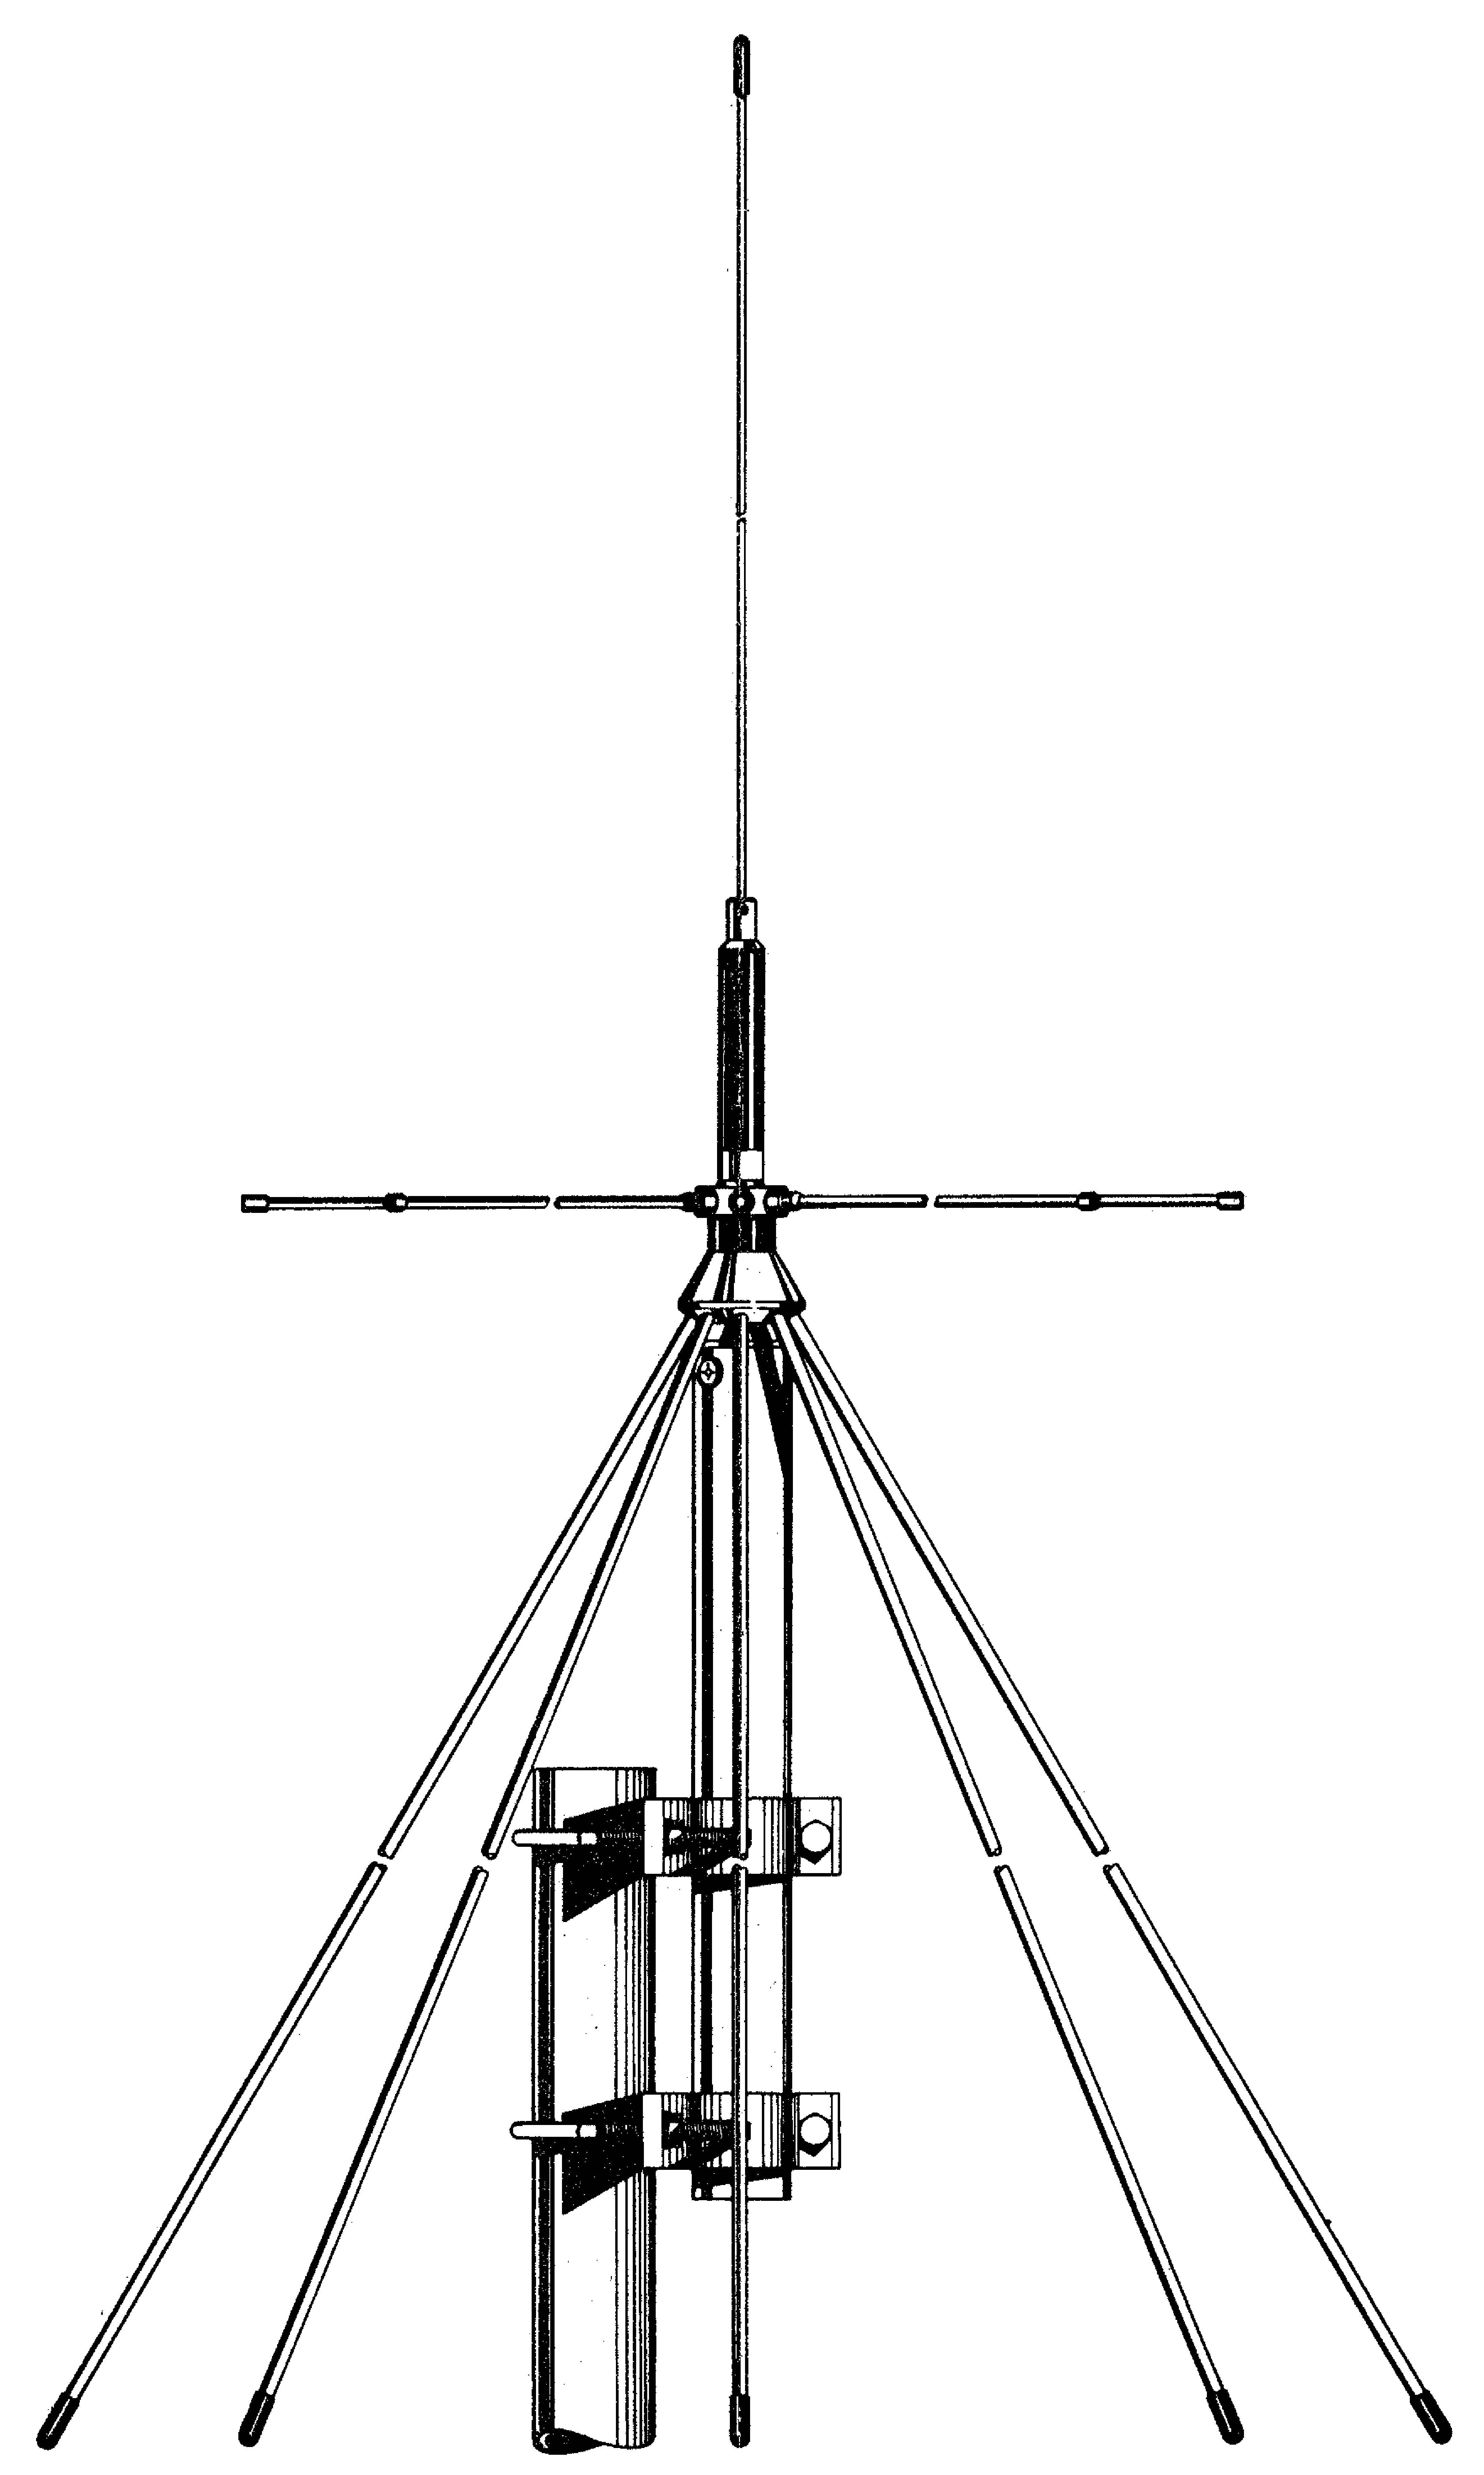 cb rádiová anténa připojení datování od narození křížovky